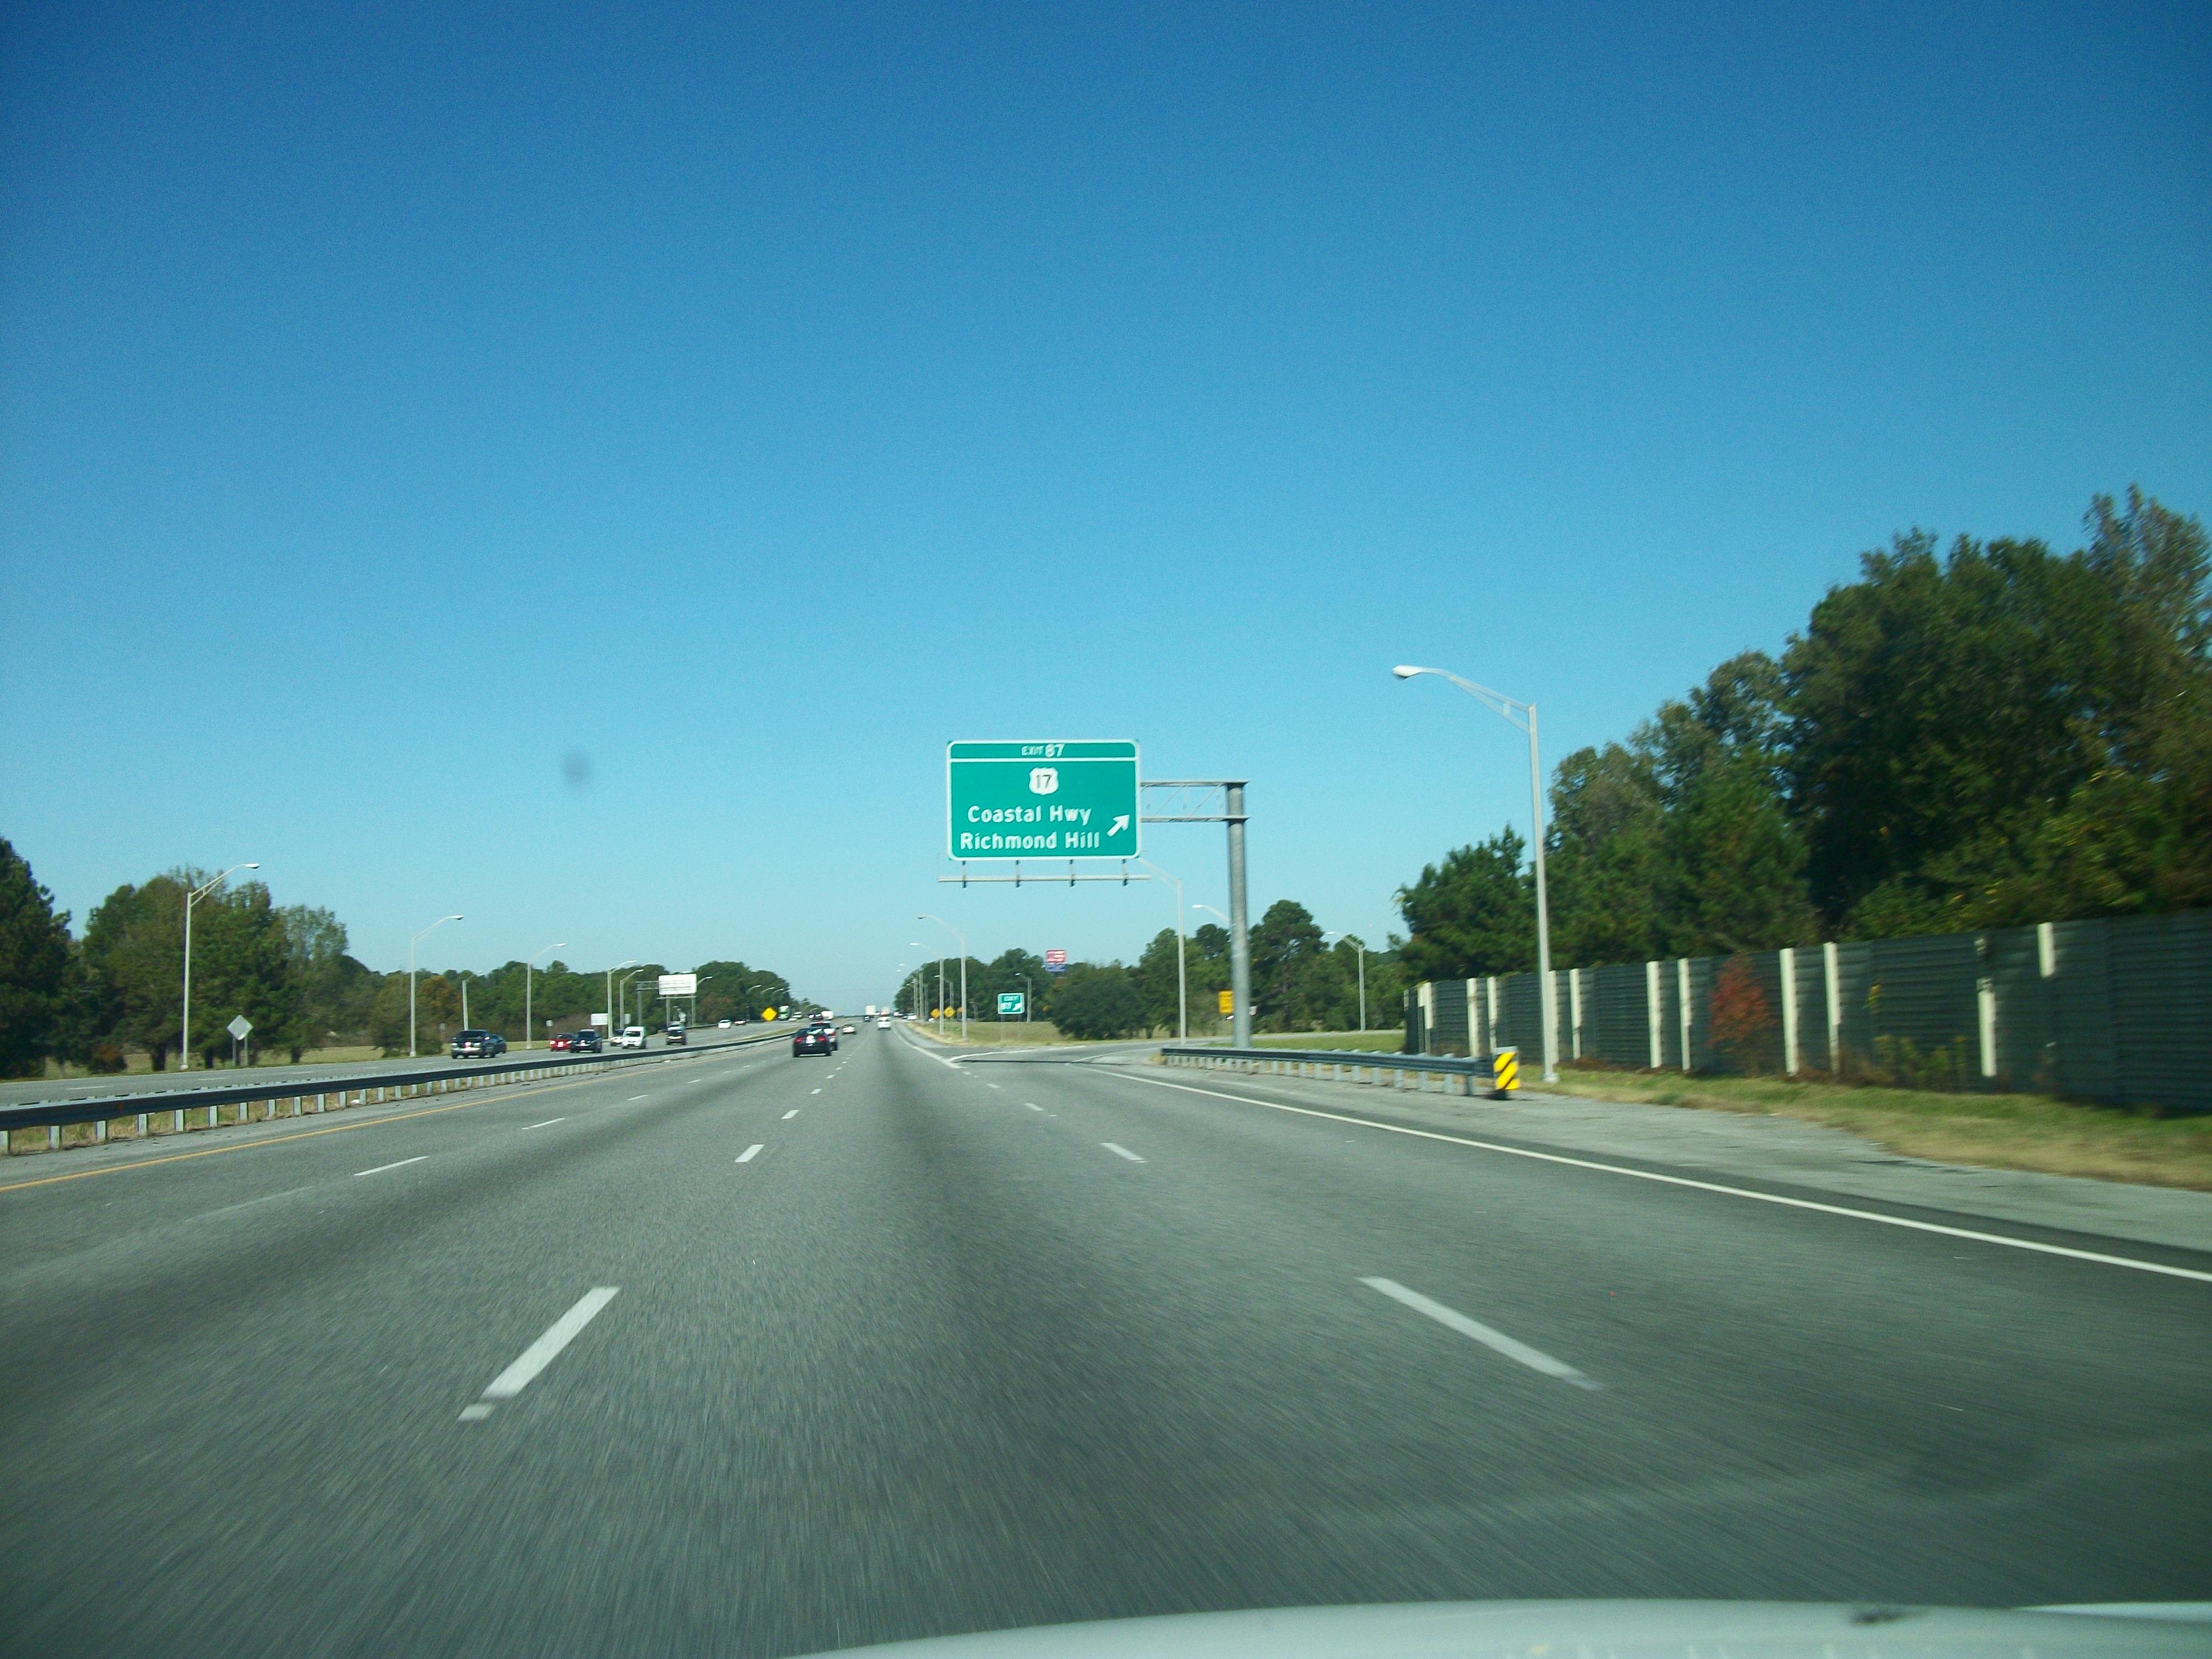 File:NB I-95 @ Exit 87...I 95 Exit 29